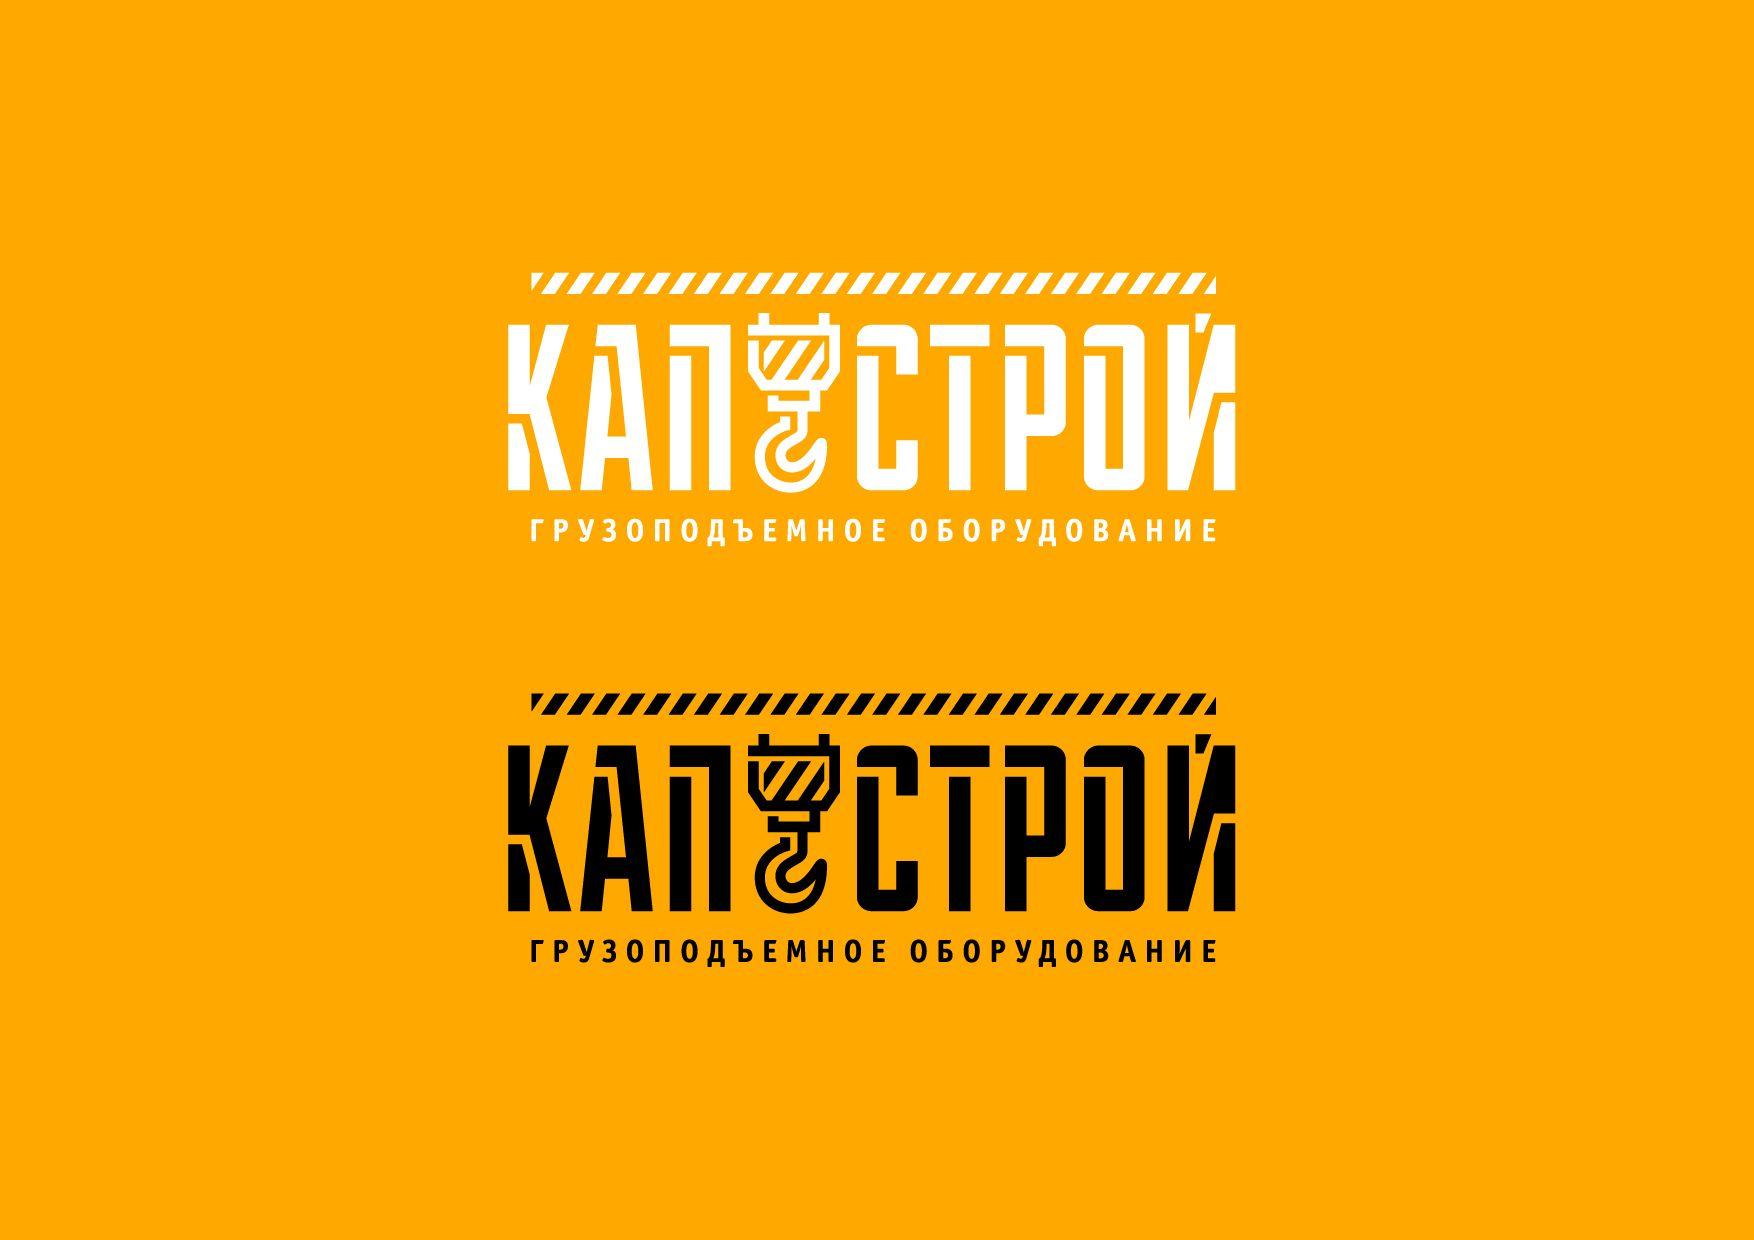 Лого и фирменный стиль для Капстрой  - дизайнер grrssn